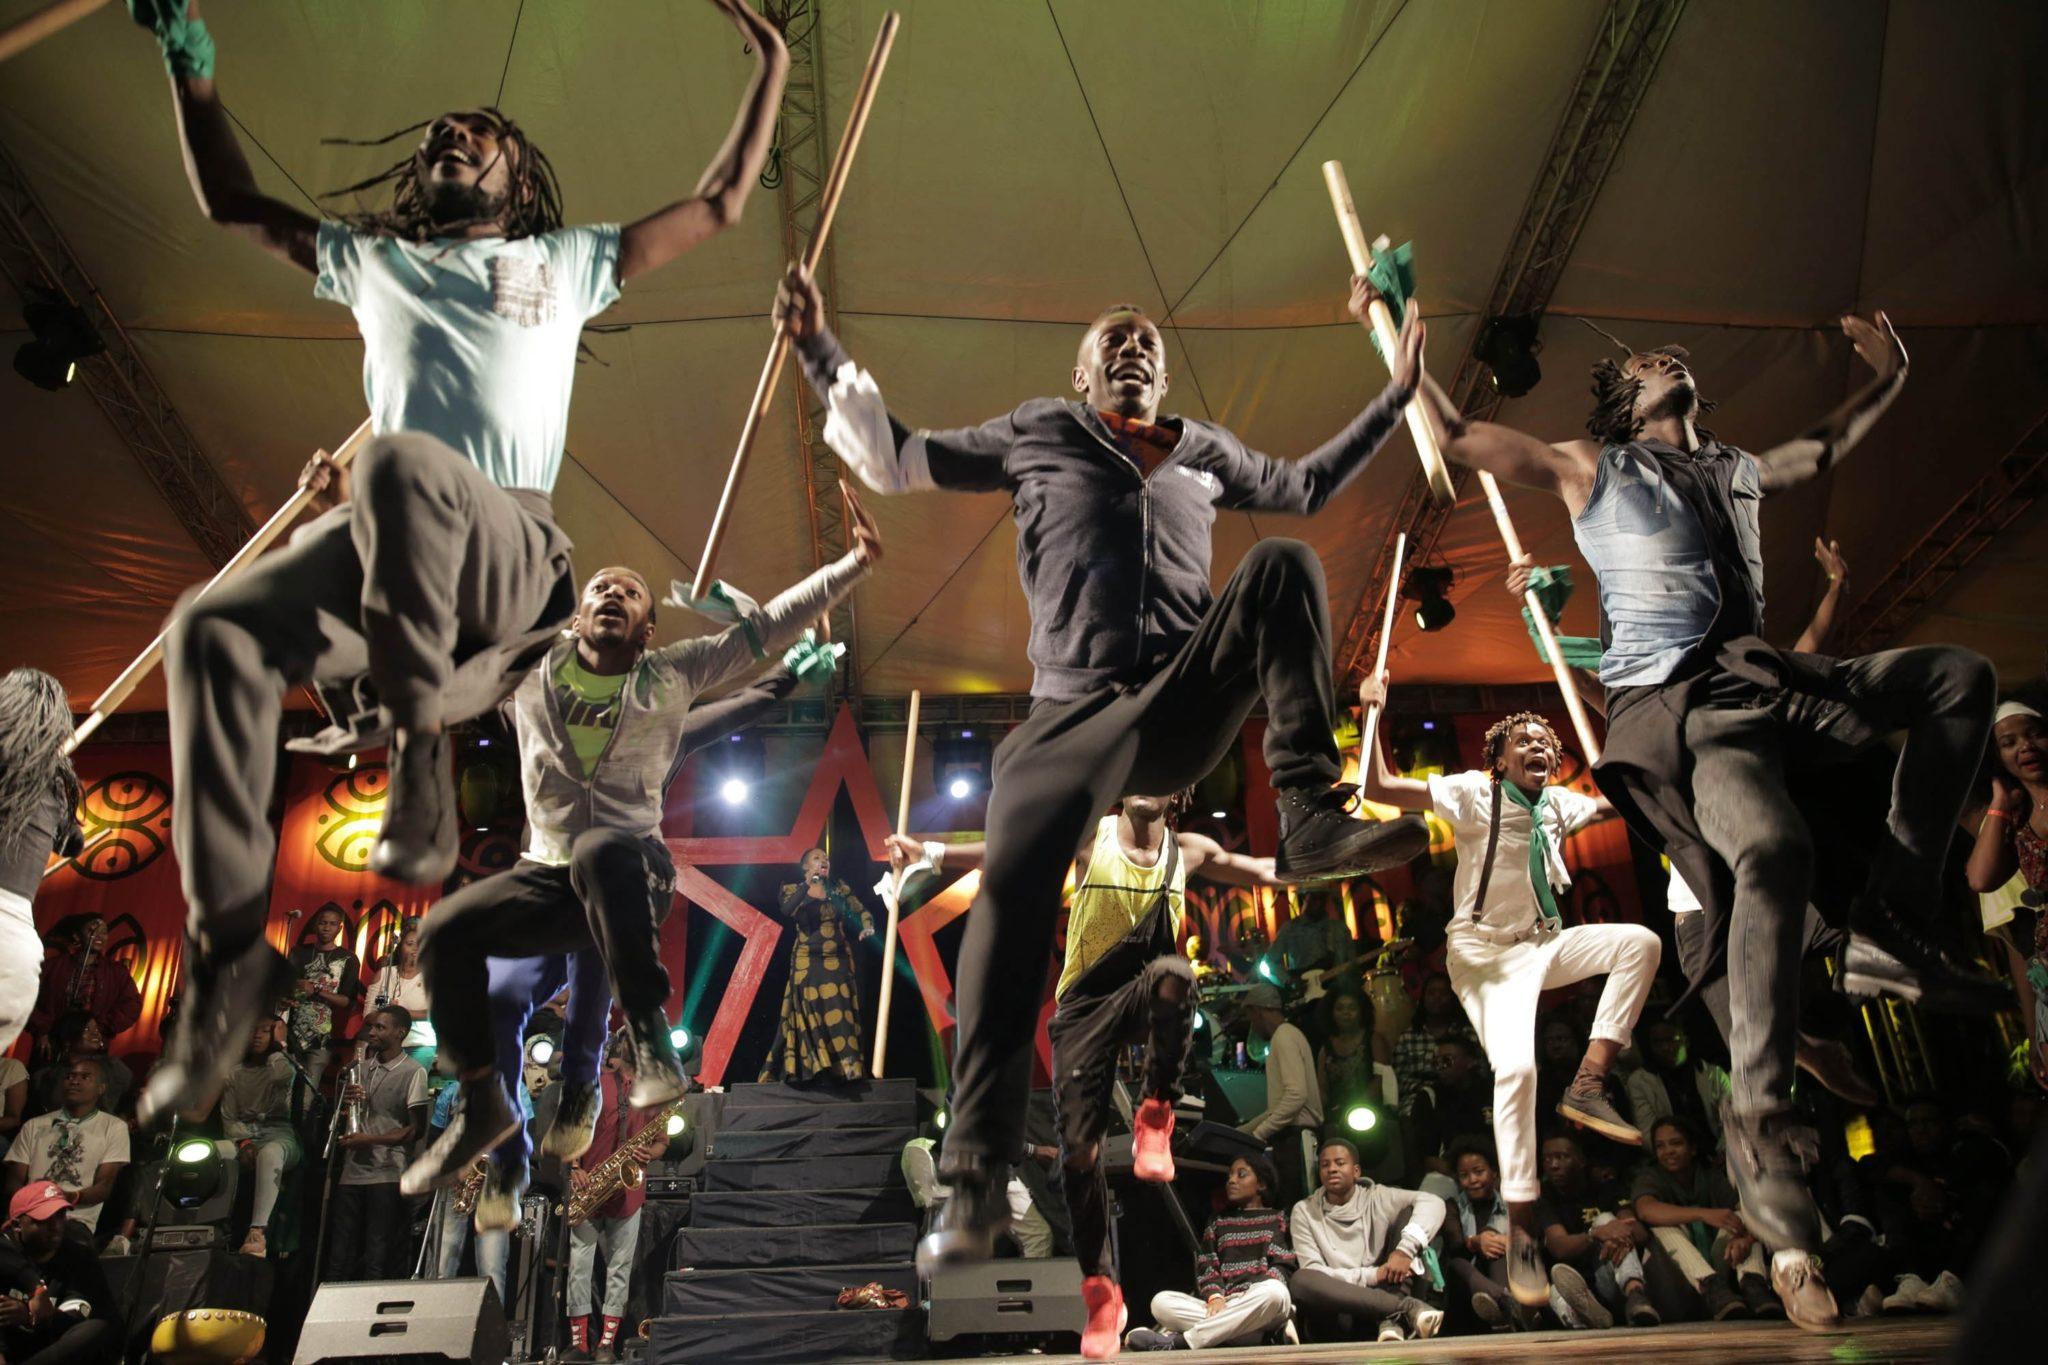 Hifa to festiwal, który pokazuje międzynarodową sztukę i kulturę poprzez spektakle teatru, tańca, muzyki, cyrku, spektakli ulicznych, mody i sztuk wizualnych.